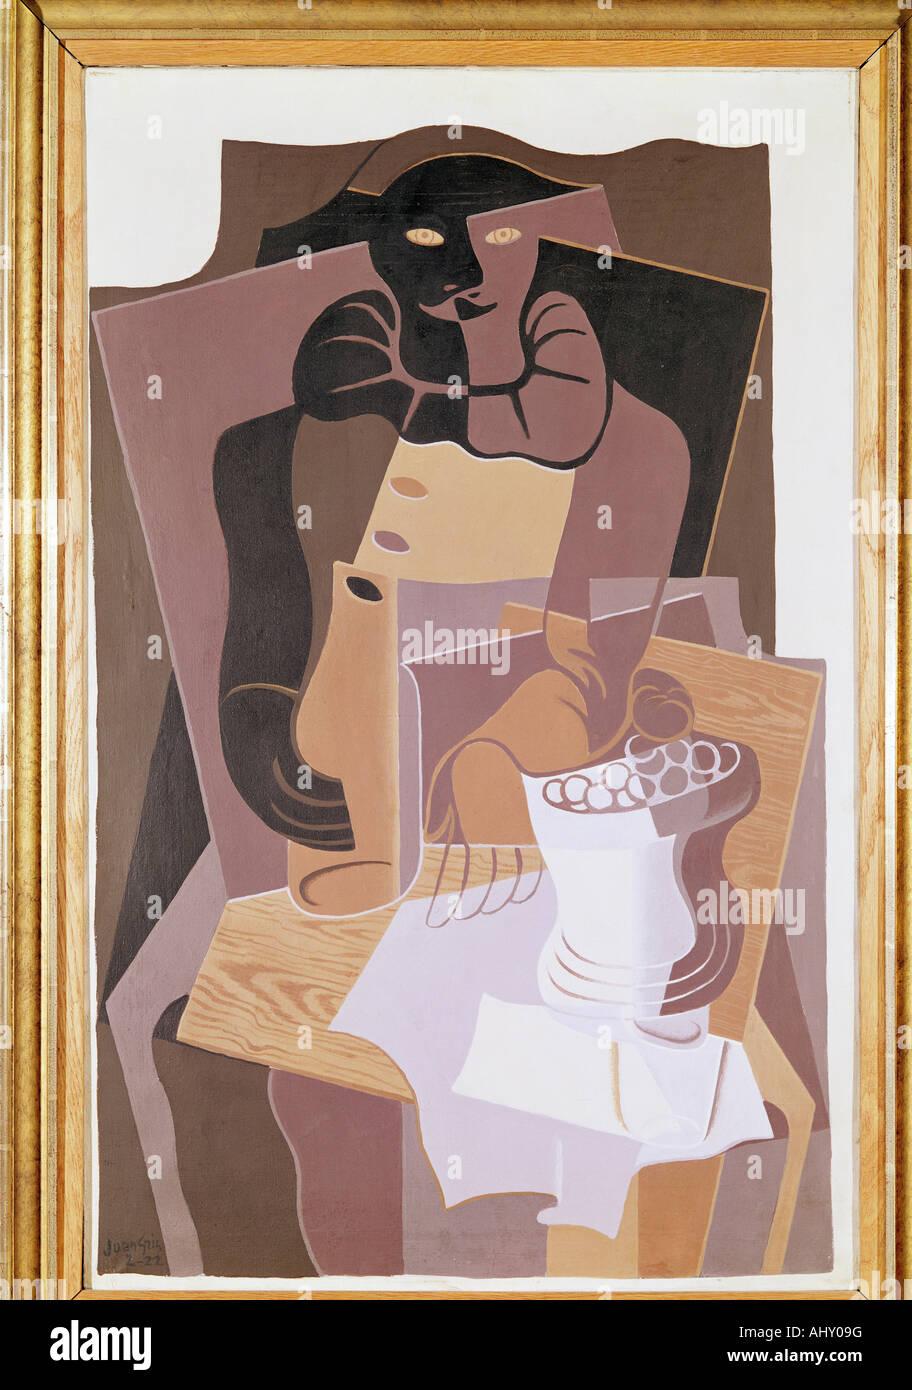 """""""Fine Arts, Gris, Juan (1887-1927), Malerei,""""Pierrot"""", 1922, Öl auf Leinwand, 100 x 64 cm, von der Heydt-Museum, Stockfoto"""